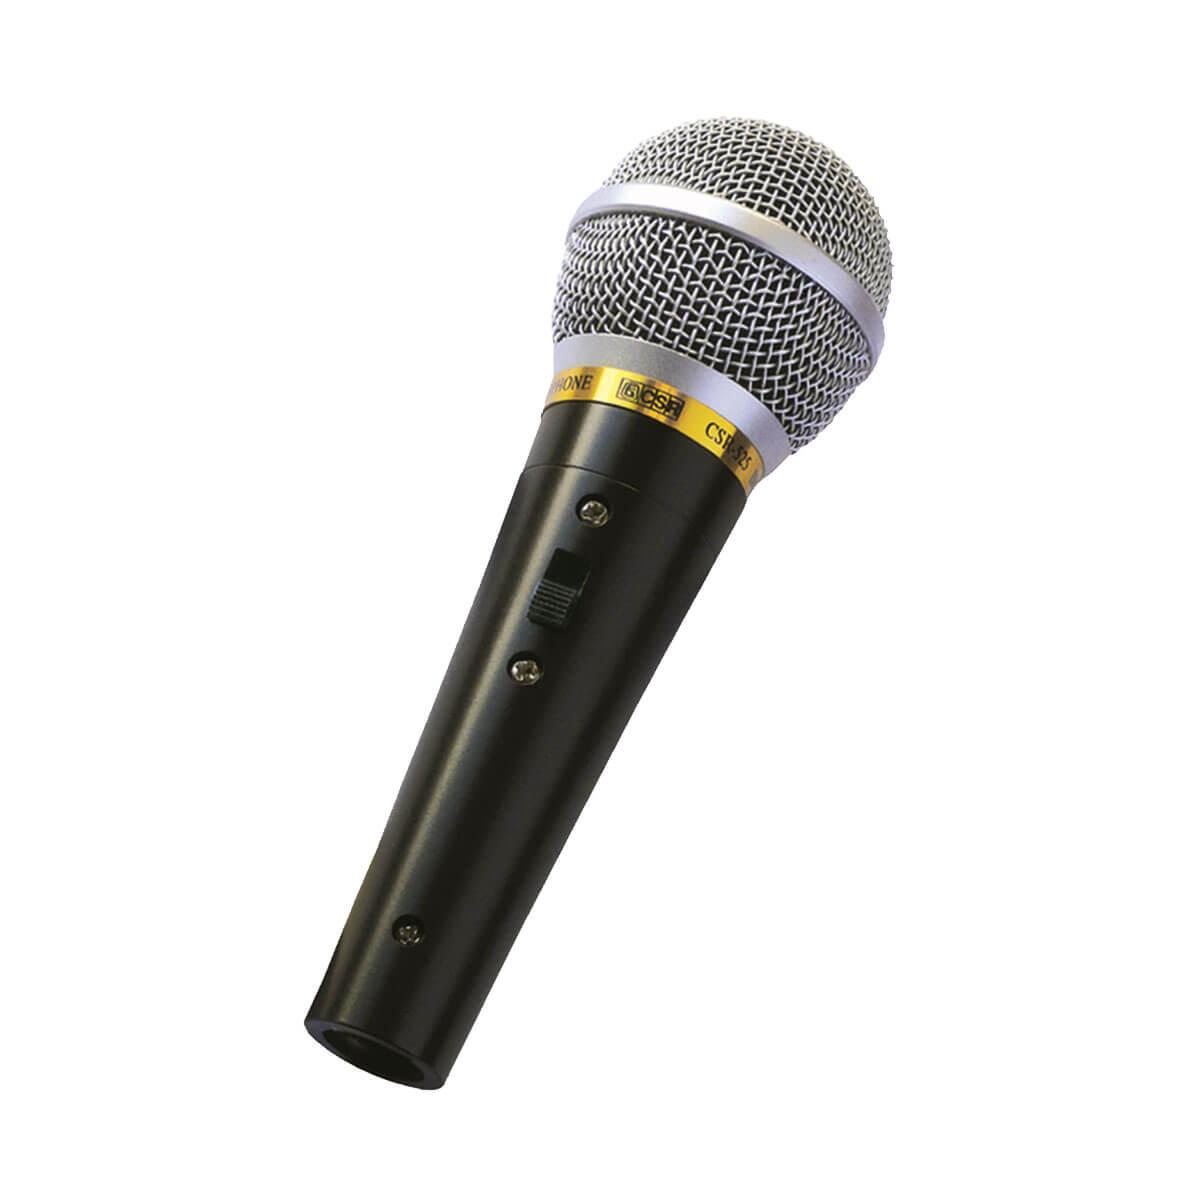 Microfone CSR 525 com Fio de Mão